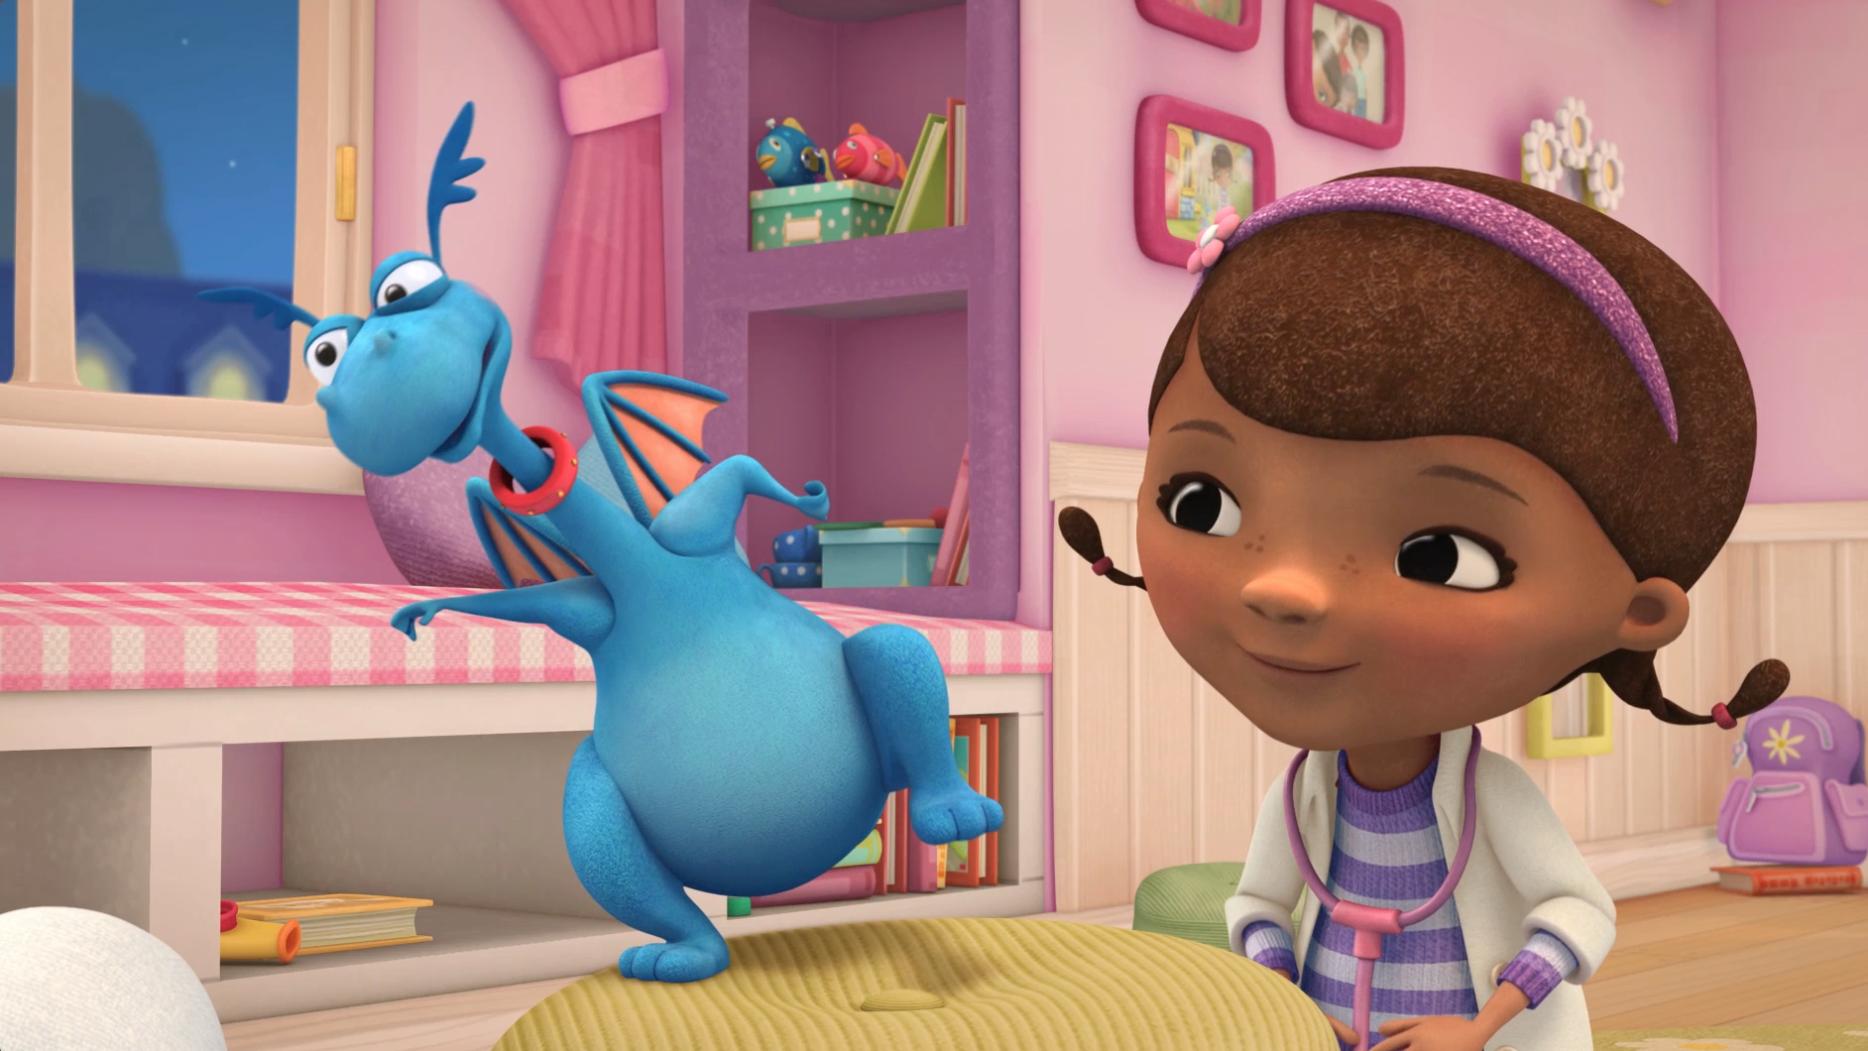 Bem-vindos à Brinquedolândia - Espiadinha - Doutora Brinquedos